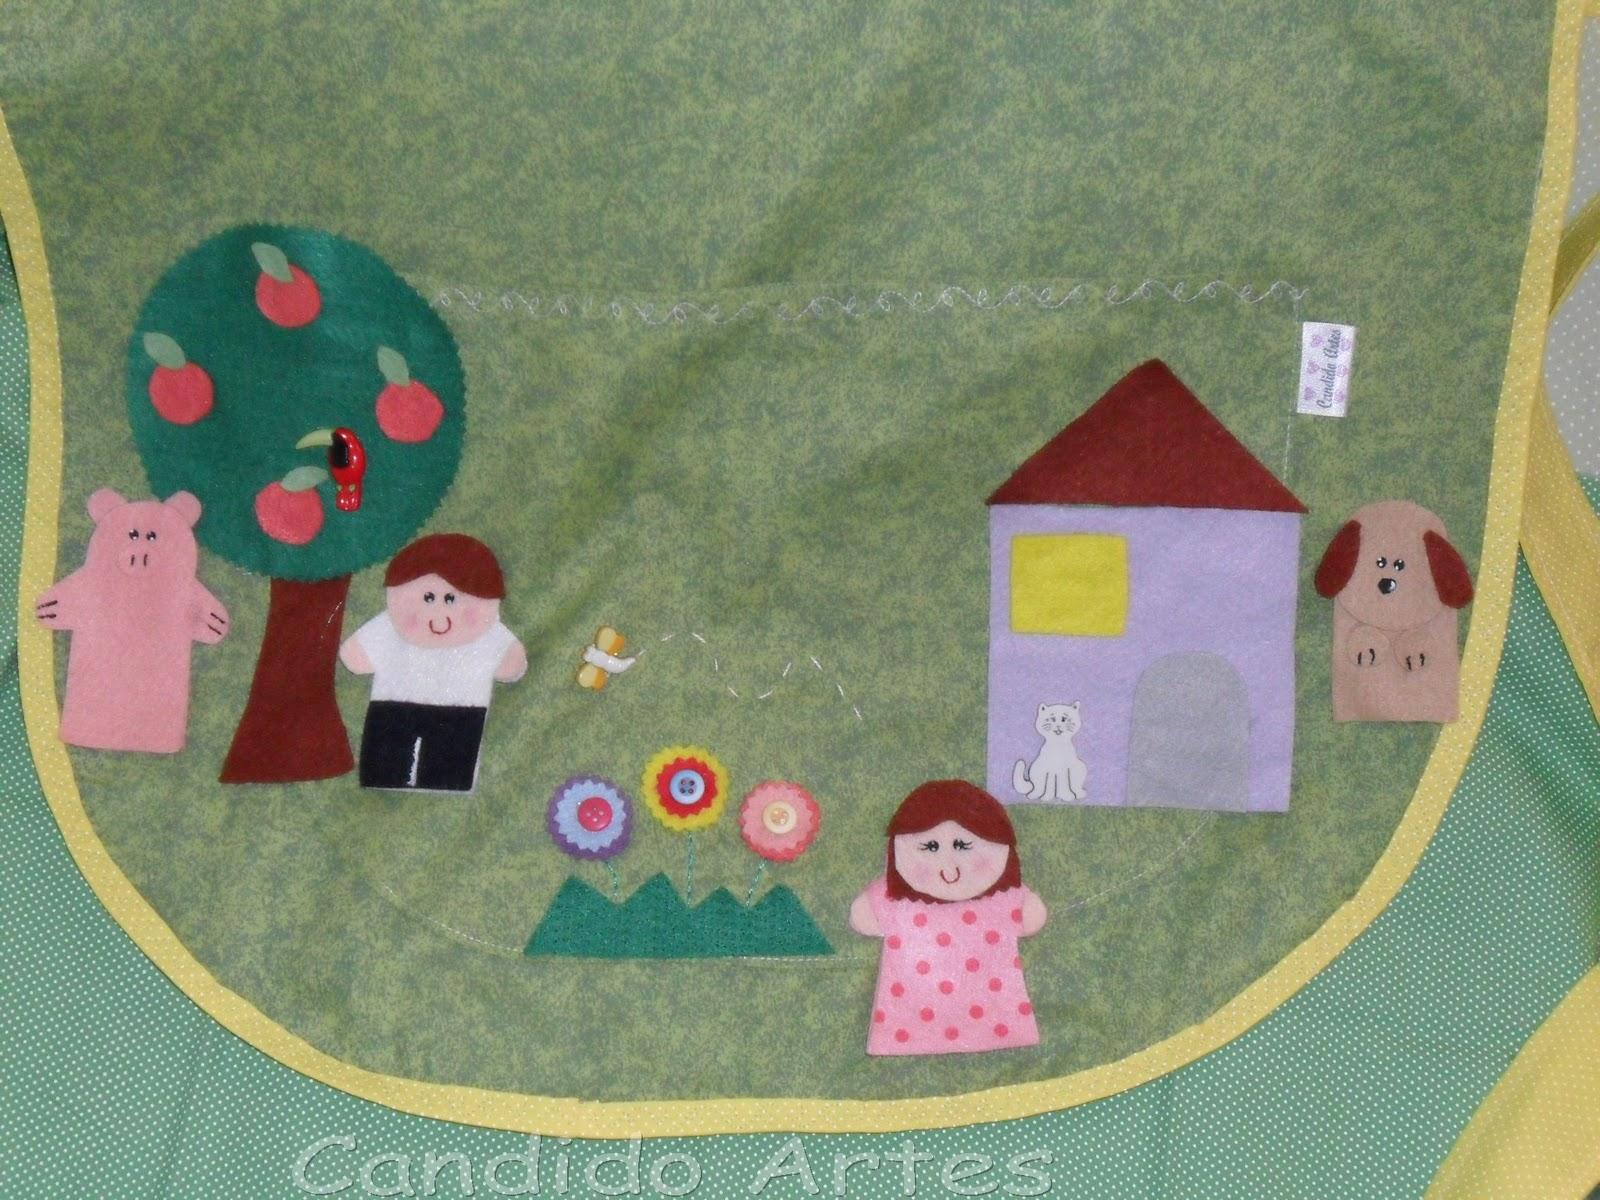 Artesanato Londrina ~ Artesanato Candido Artes Avental para contar histórias